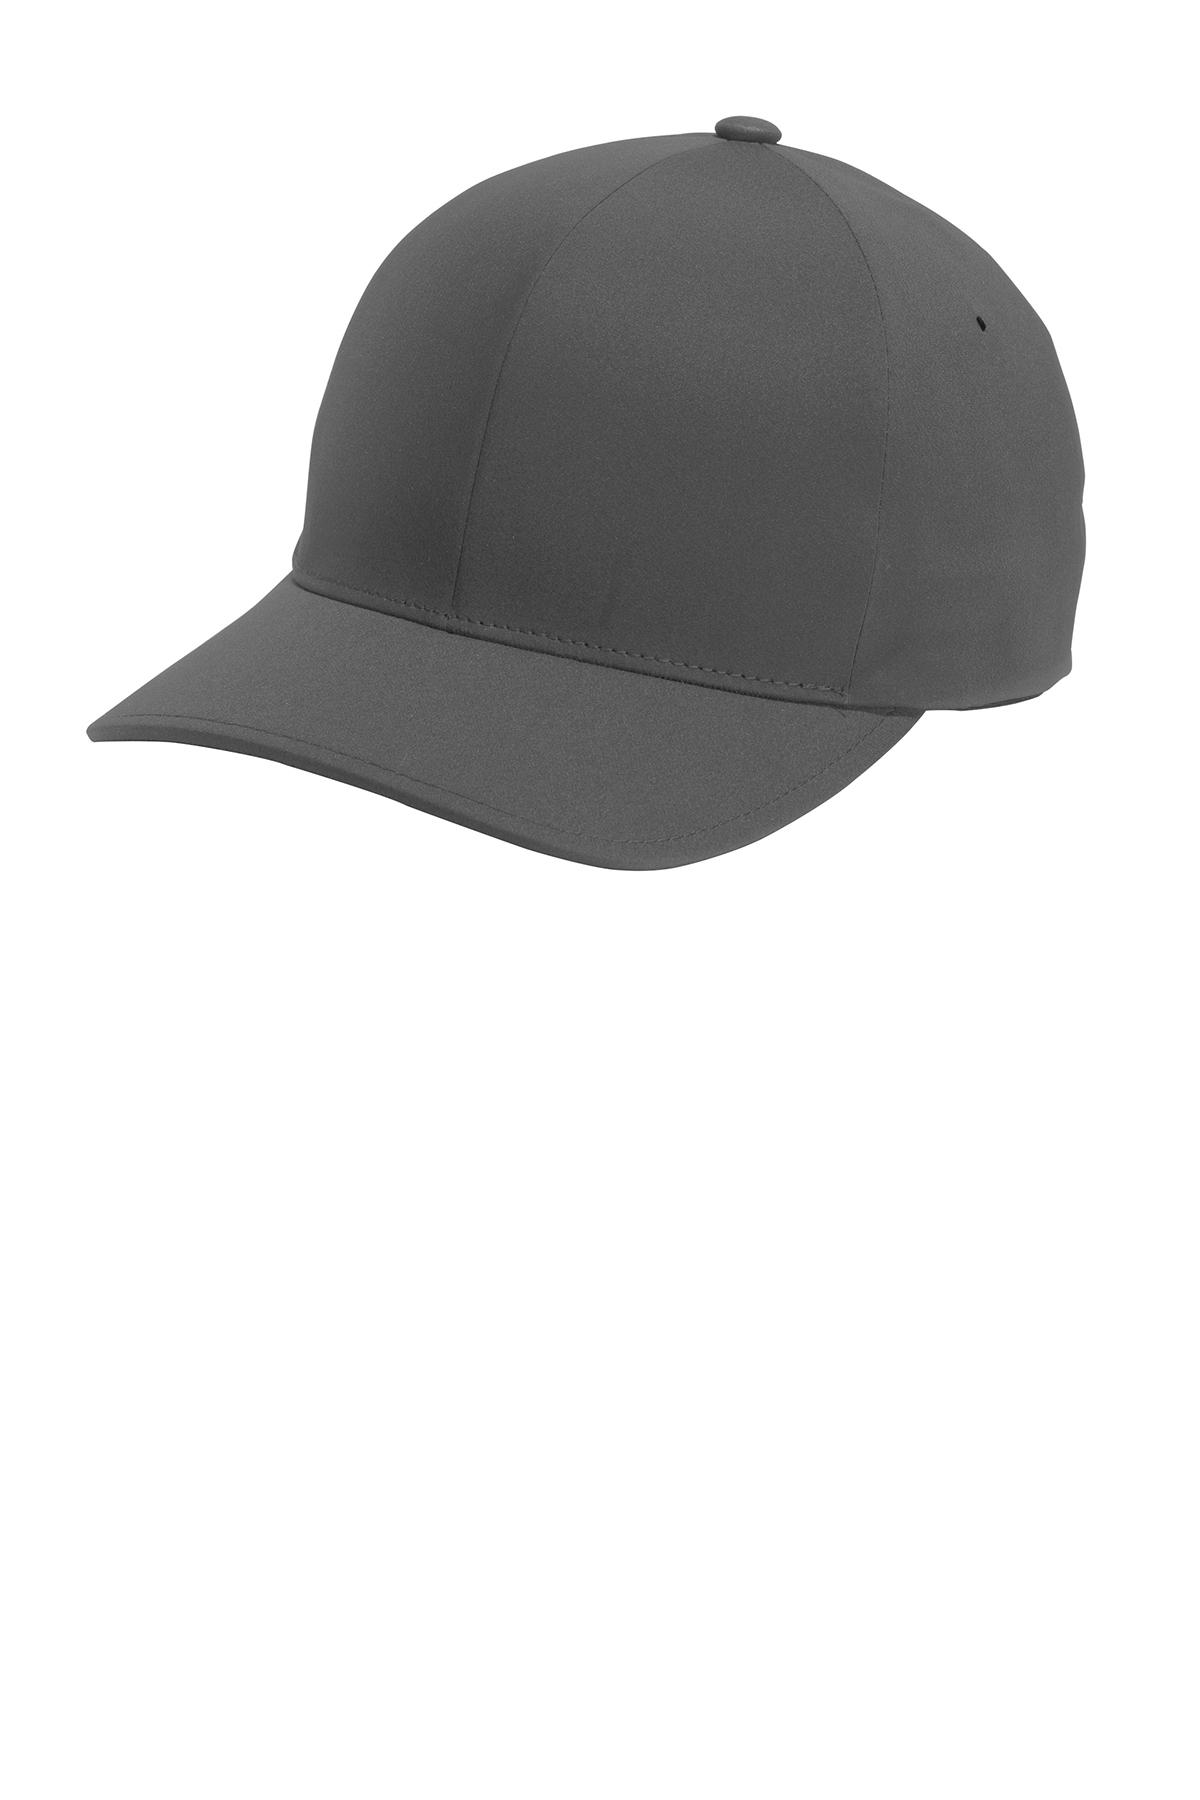 8e3103e4649 Port Authority C938 - Flexfit Delta Cap  12.49 - Headwear